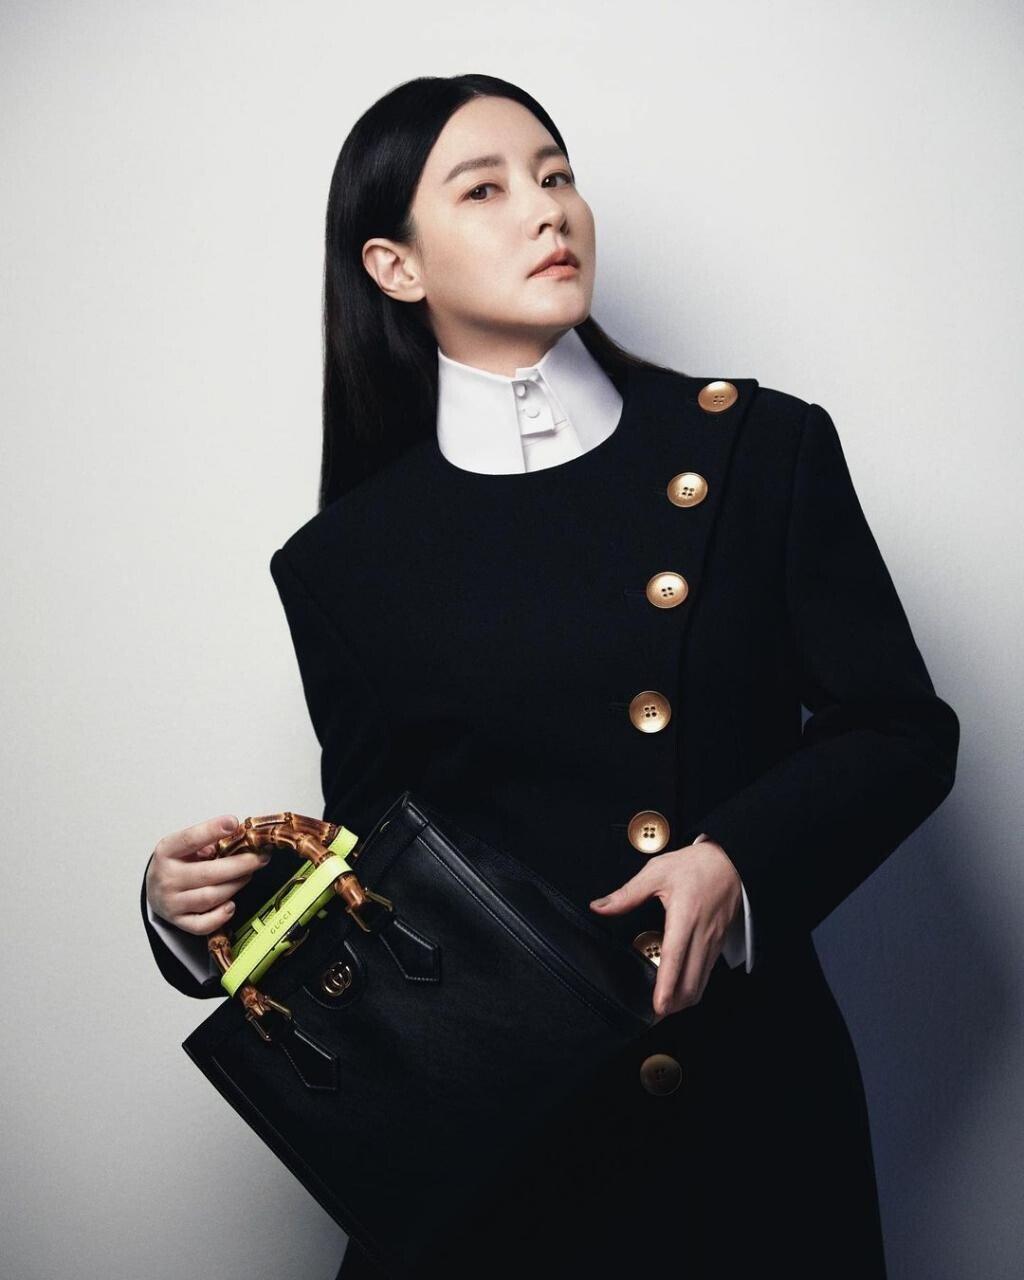 Солонгосын гоо бүсгүй Ли Ян Эйгийн үндэсний эрдэнэсийг бүү хүлээн зөвшөөр: үс нь хүртэл сонгомол, замыг эвдэж, урьдынх шигээ 180 градусын хачин өрөвдмөөр байна - Зураг 7.